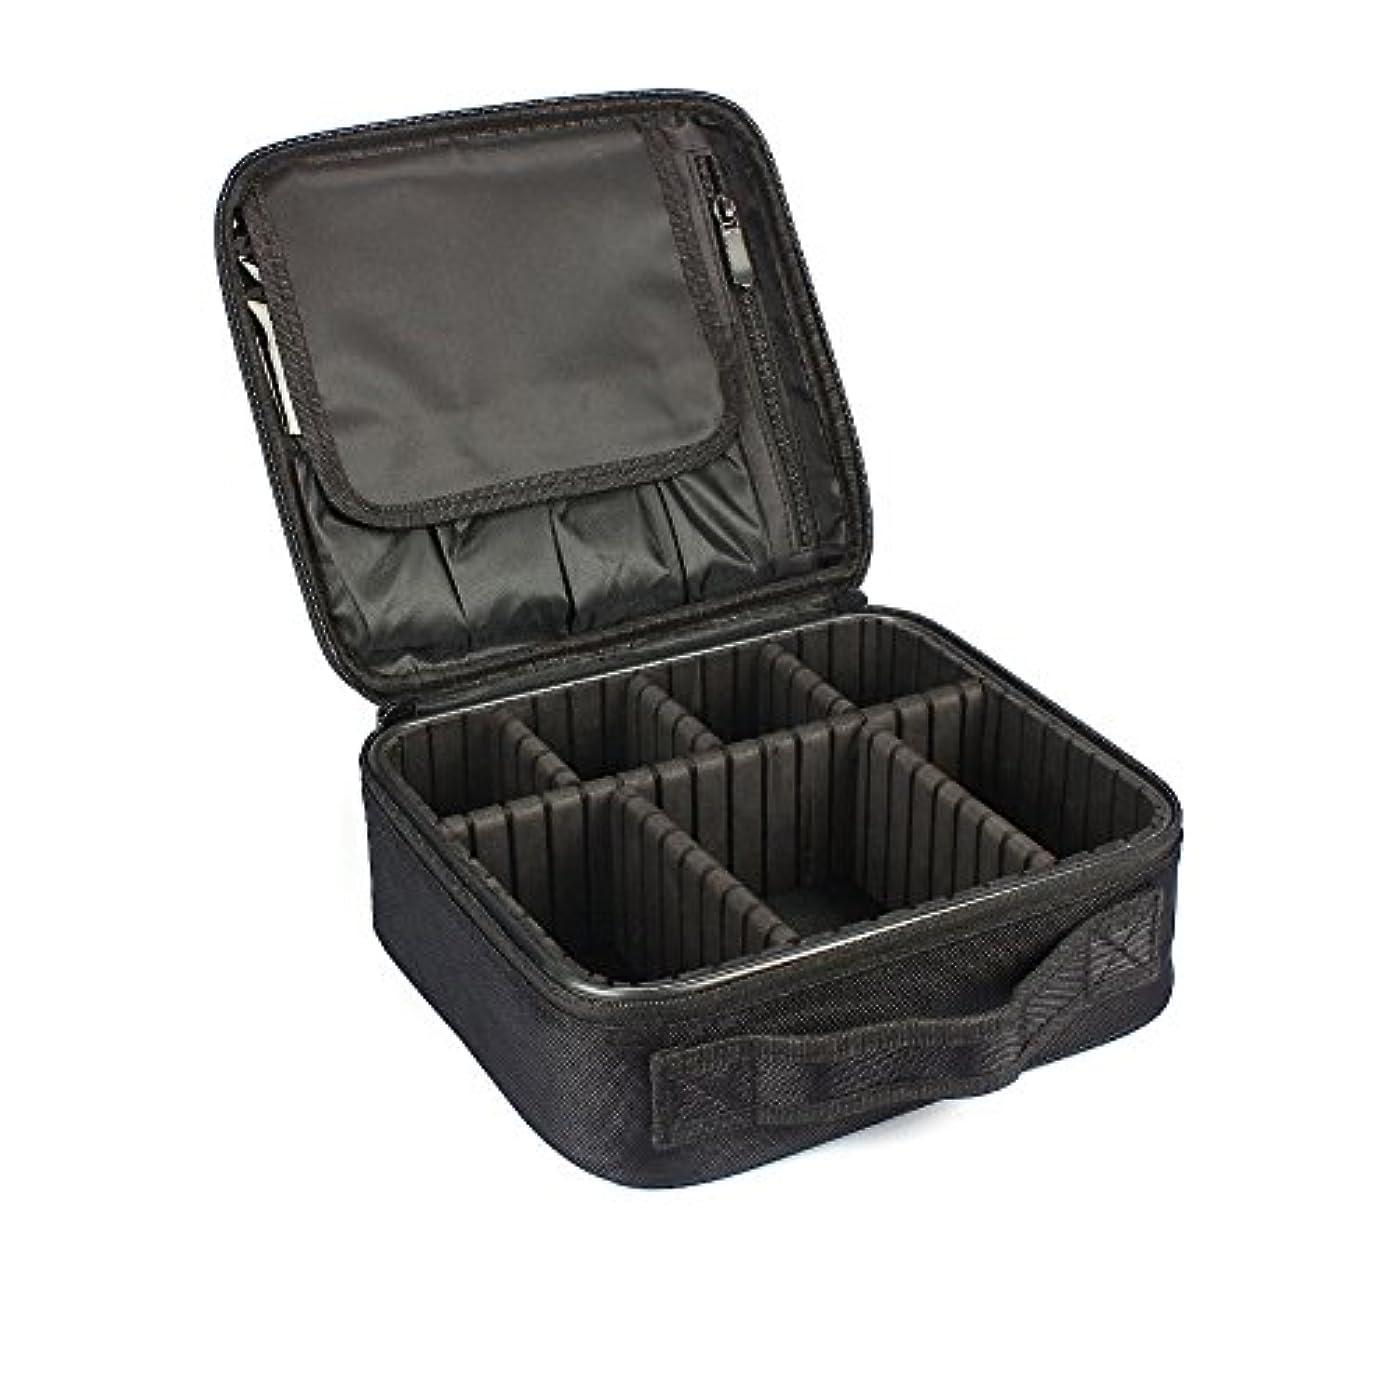 重力かかわらずチーズMIRAISZ プロ用 メイクボックス 高品質 多機能 多容量 メイクブラシバッグ 収納ケース スーツケース?トラベルバッグ 化粧バッグ メイクブラシ 化粧道具 小物入れ (MINI)